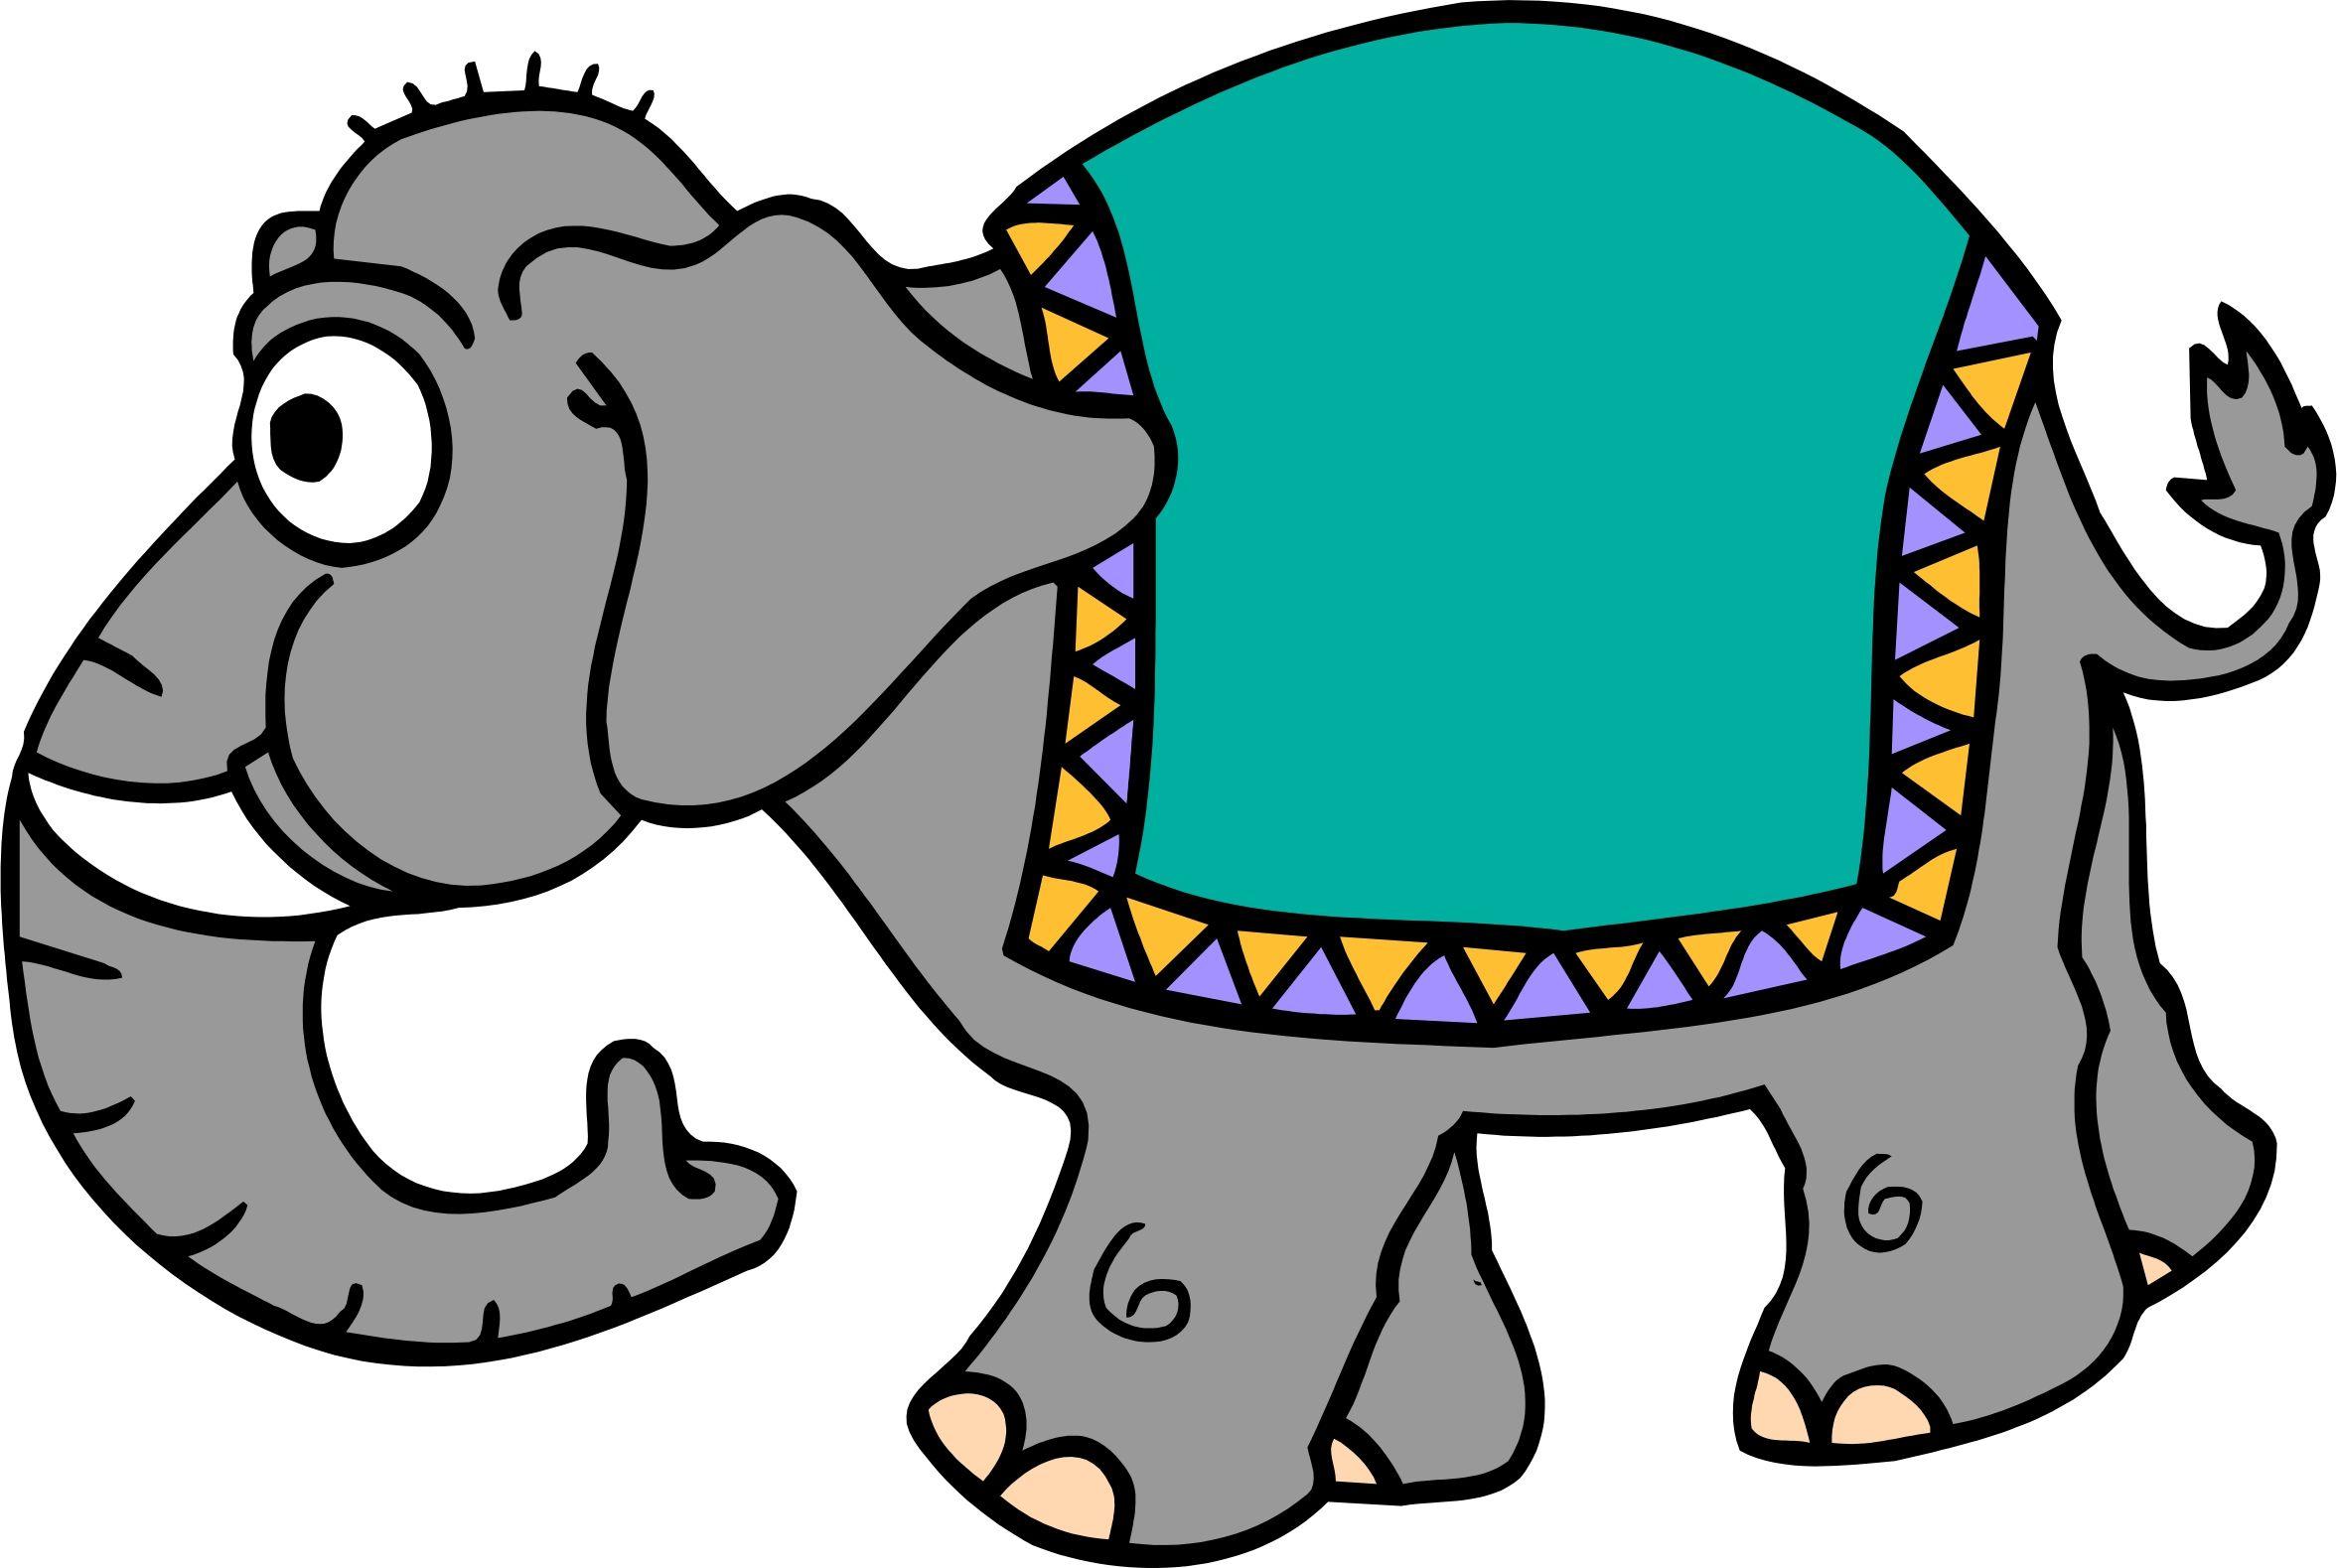 Download Wallpaper Cartoon Elephant - 5b07e60ea765a7ca3a0367664d805baf  Picture_503425  .jpg